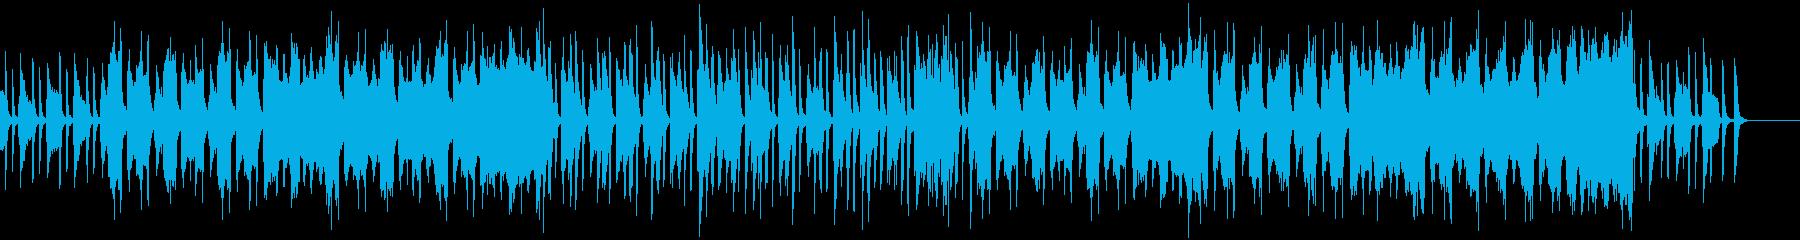 ノスタルジックで感傷的なクラシック風の再生済みの波形